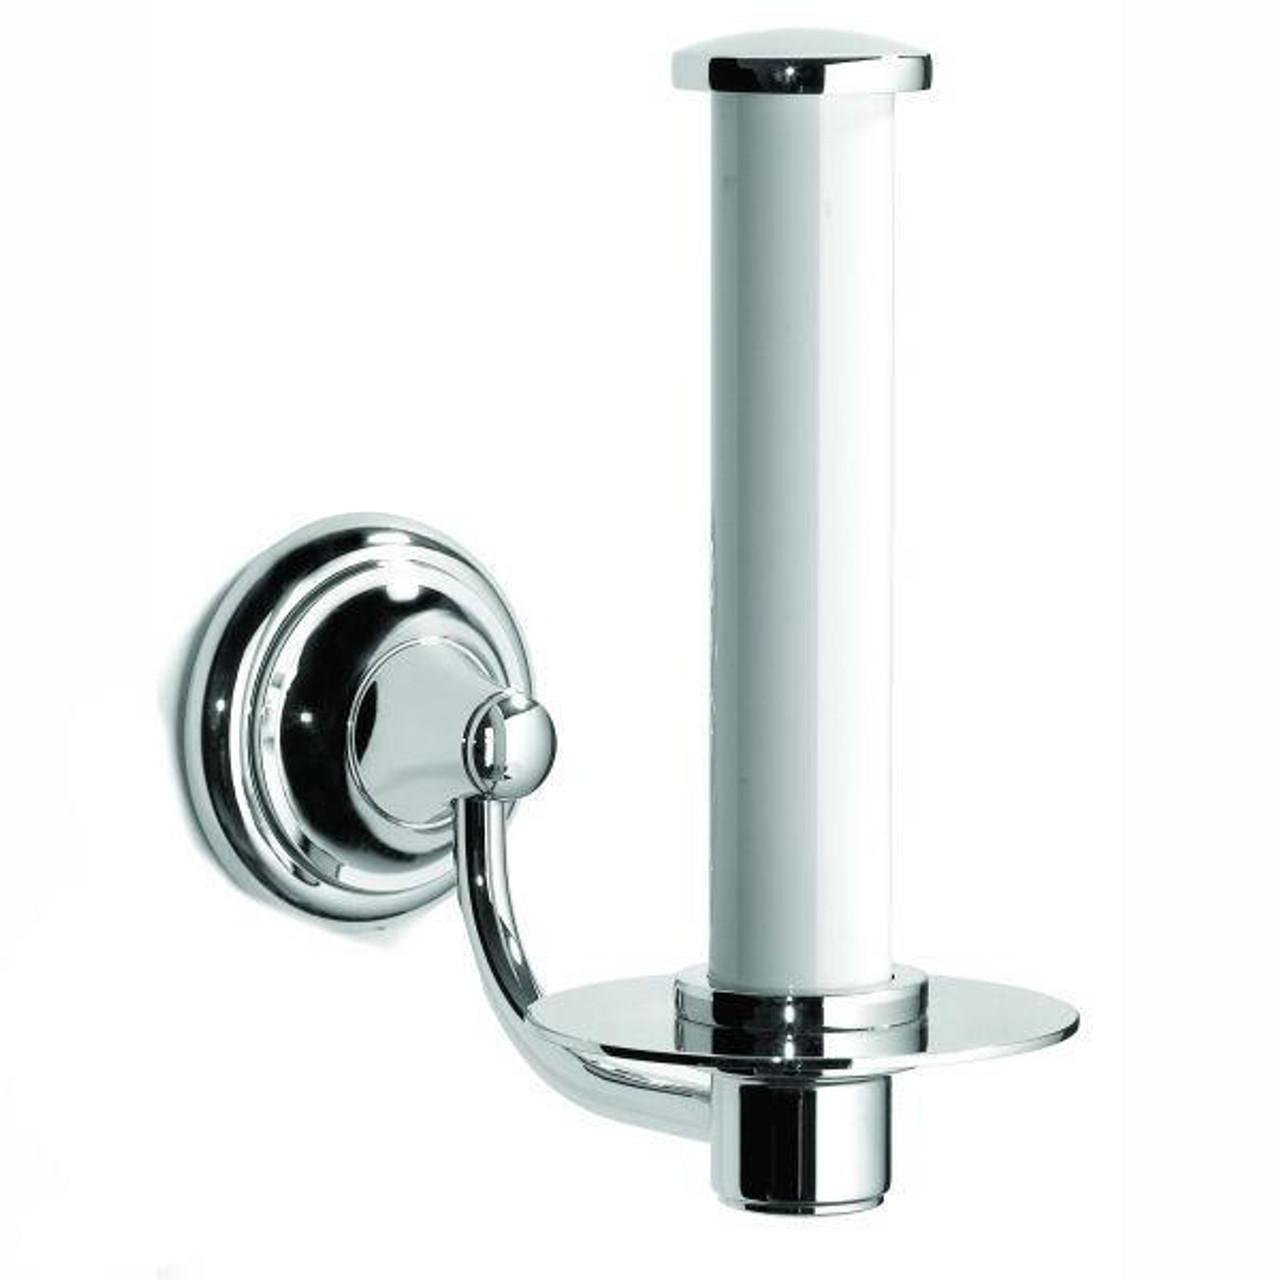 Chrome Plated Samuel Heath Fairfield Spare Toilet Roll Holder N9541